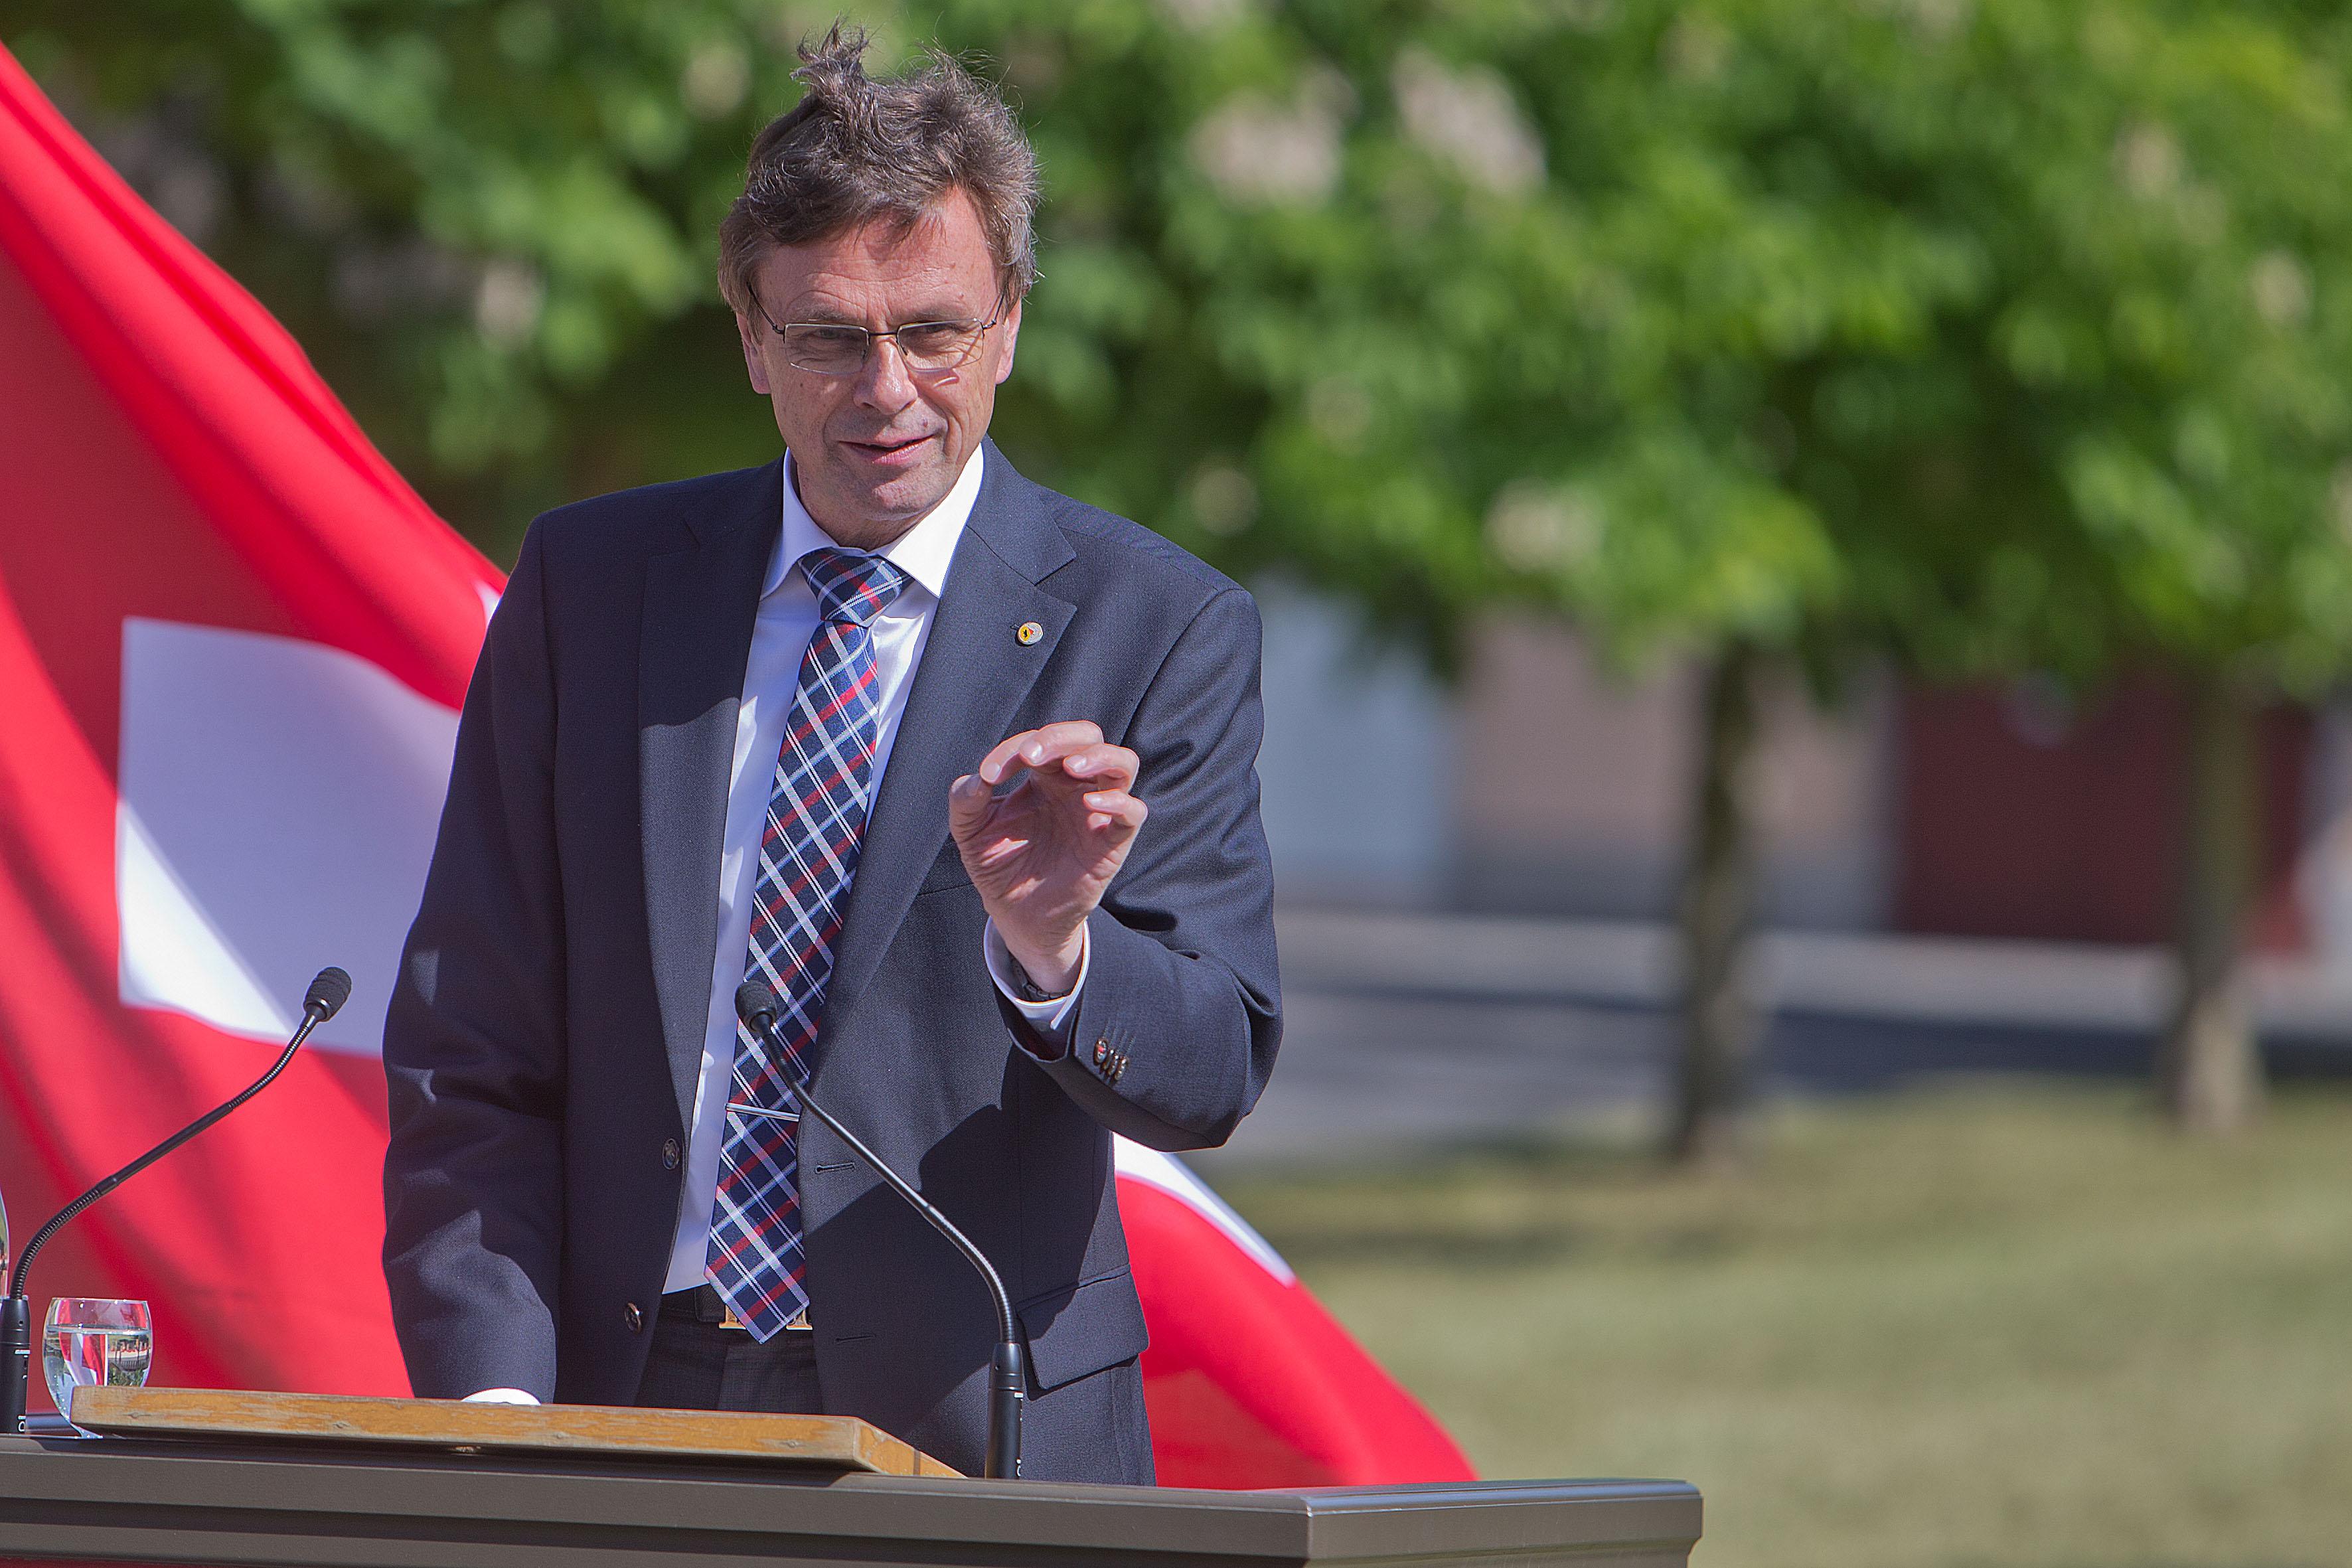 Regierungsrat H.-J. Käser, Regierungspräsident des Kantons Bern